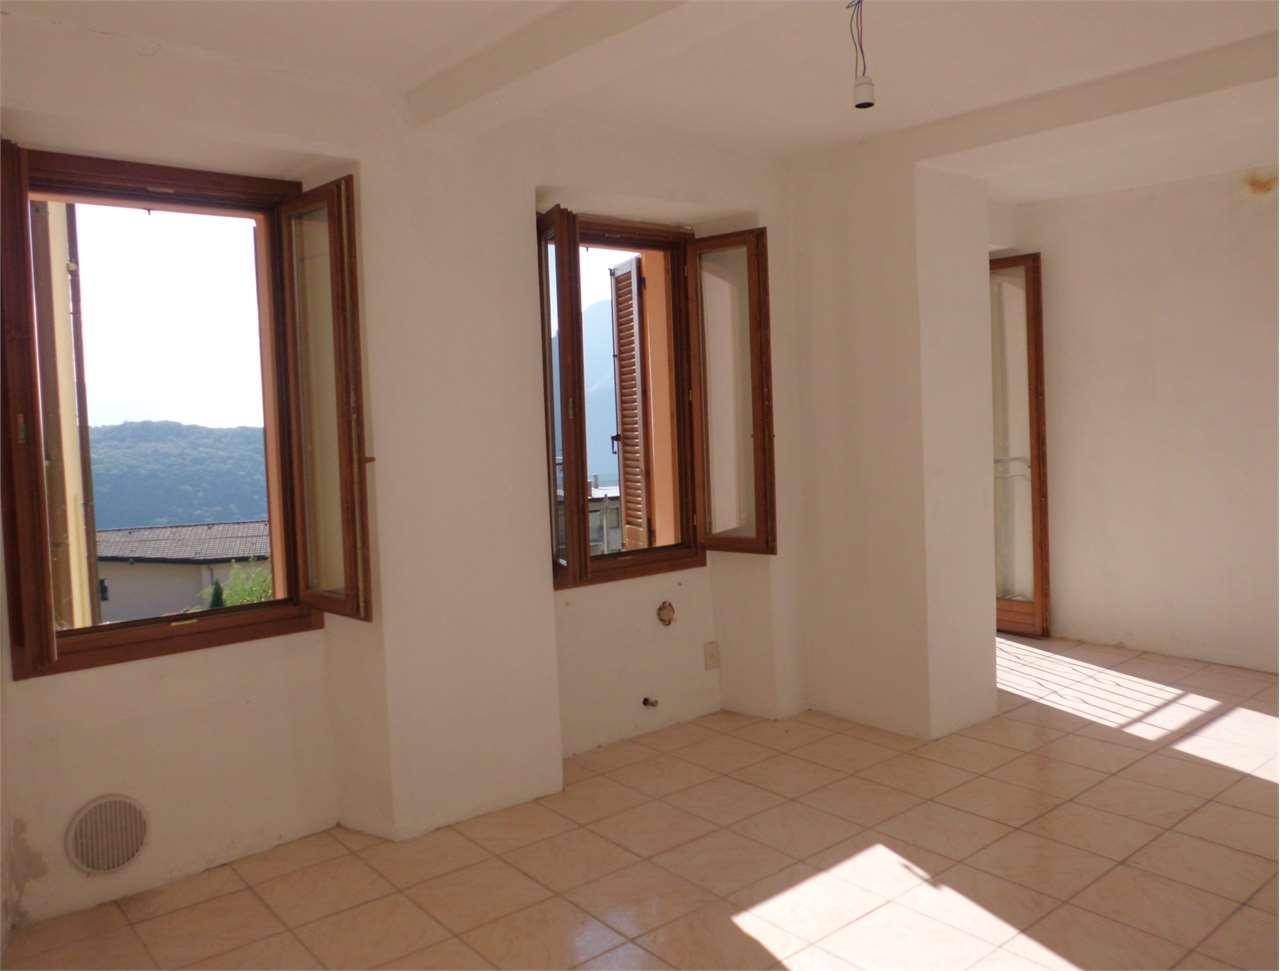 Appartamento in vendita a Veleso, 2 locali, zona Zona: Erno, prezzo € 40.000 | Cambio Casa.it